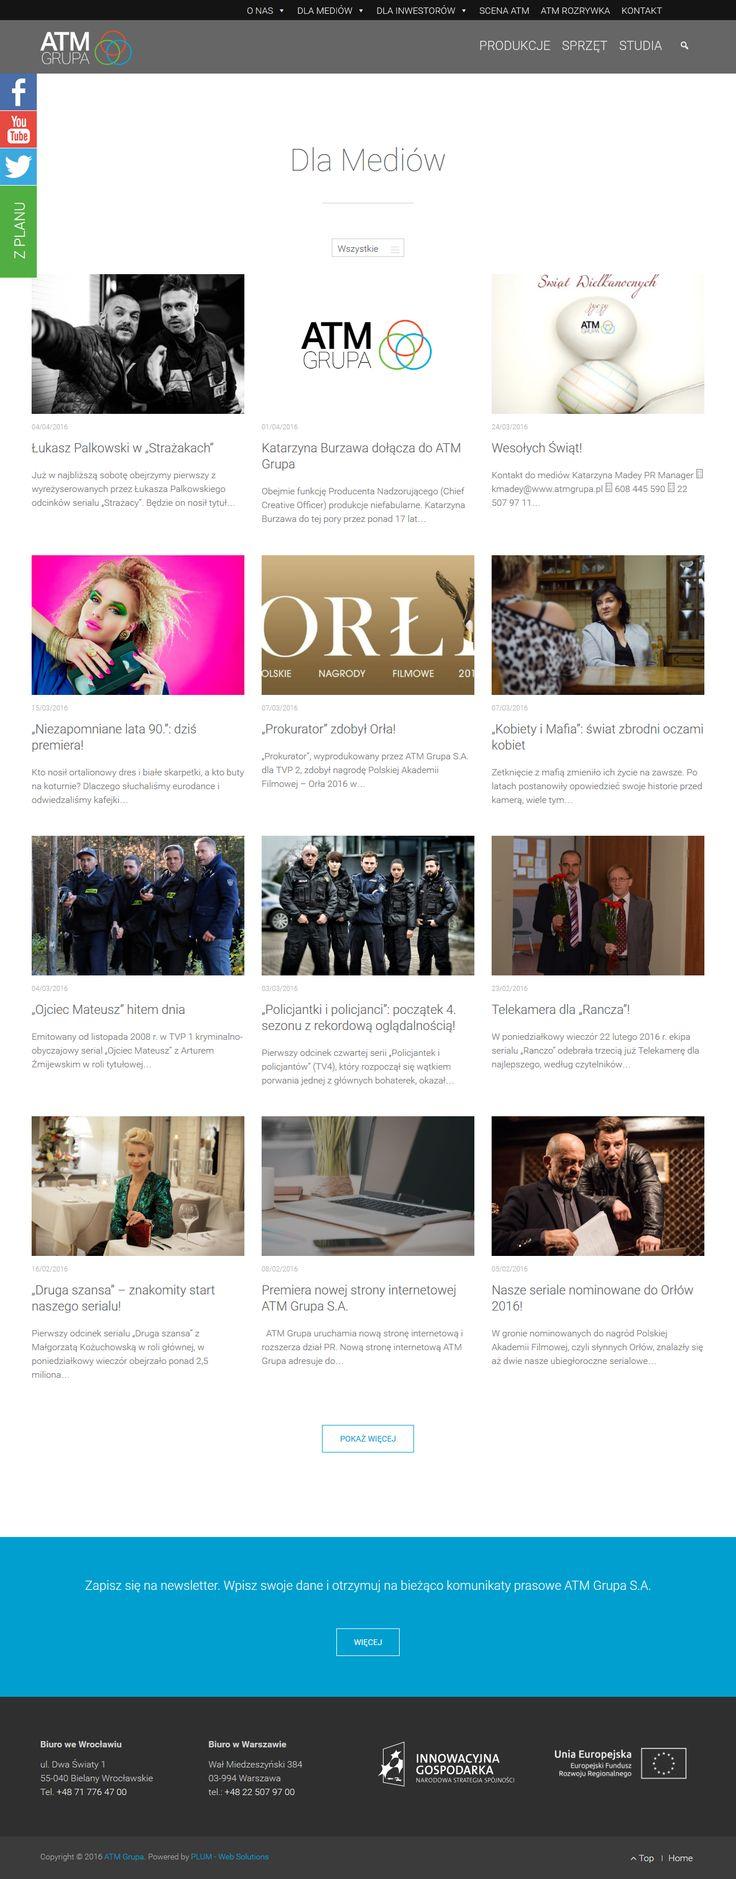 Przykład nowoczengo, przejrzystego modułu prasowego, gdzie zamieszczane są najnowsze informacje z życia firmy oraz działań podejmowanych przez jej pracowników. Możliwość zapisania się do newslettera, interakcja podstrony z social mediami